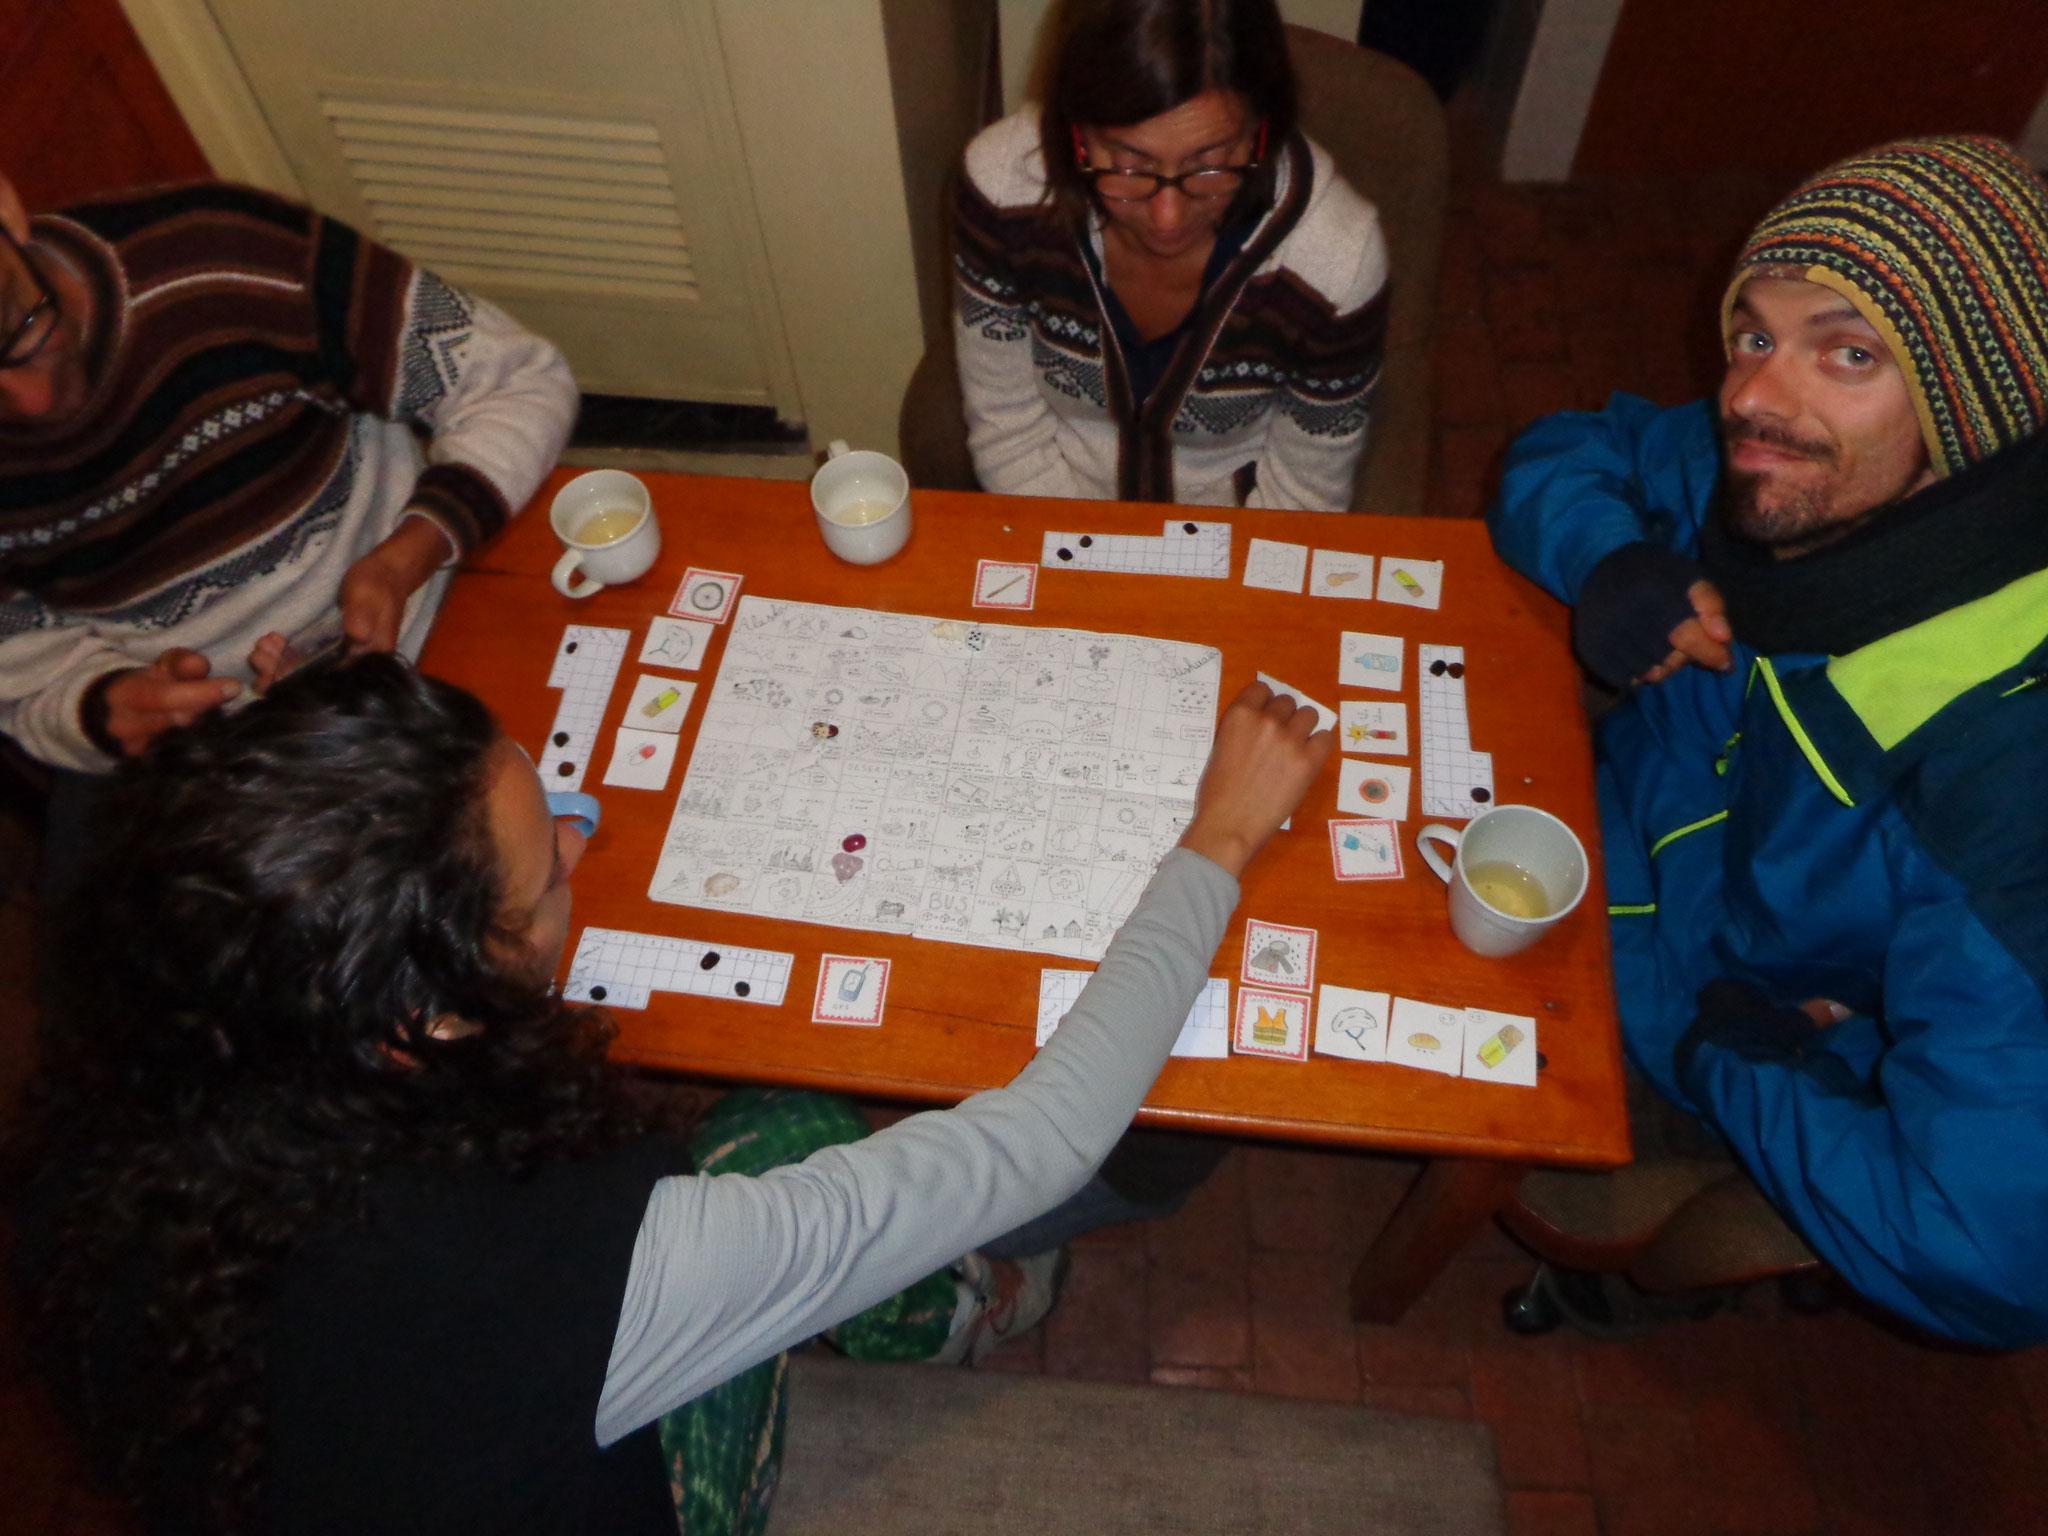 Notre nouvelle invention, le jeu Bicimania!